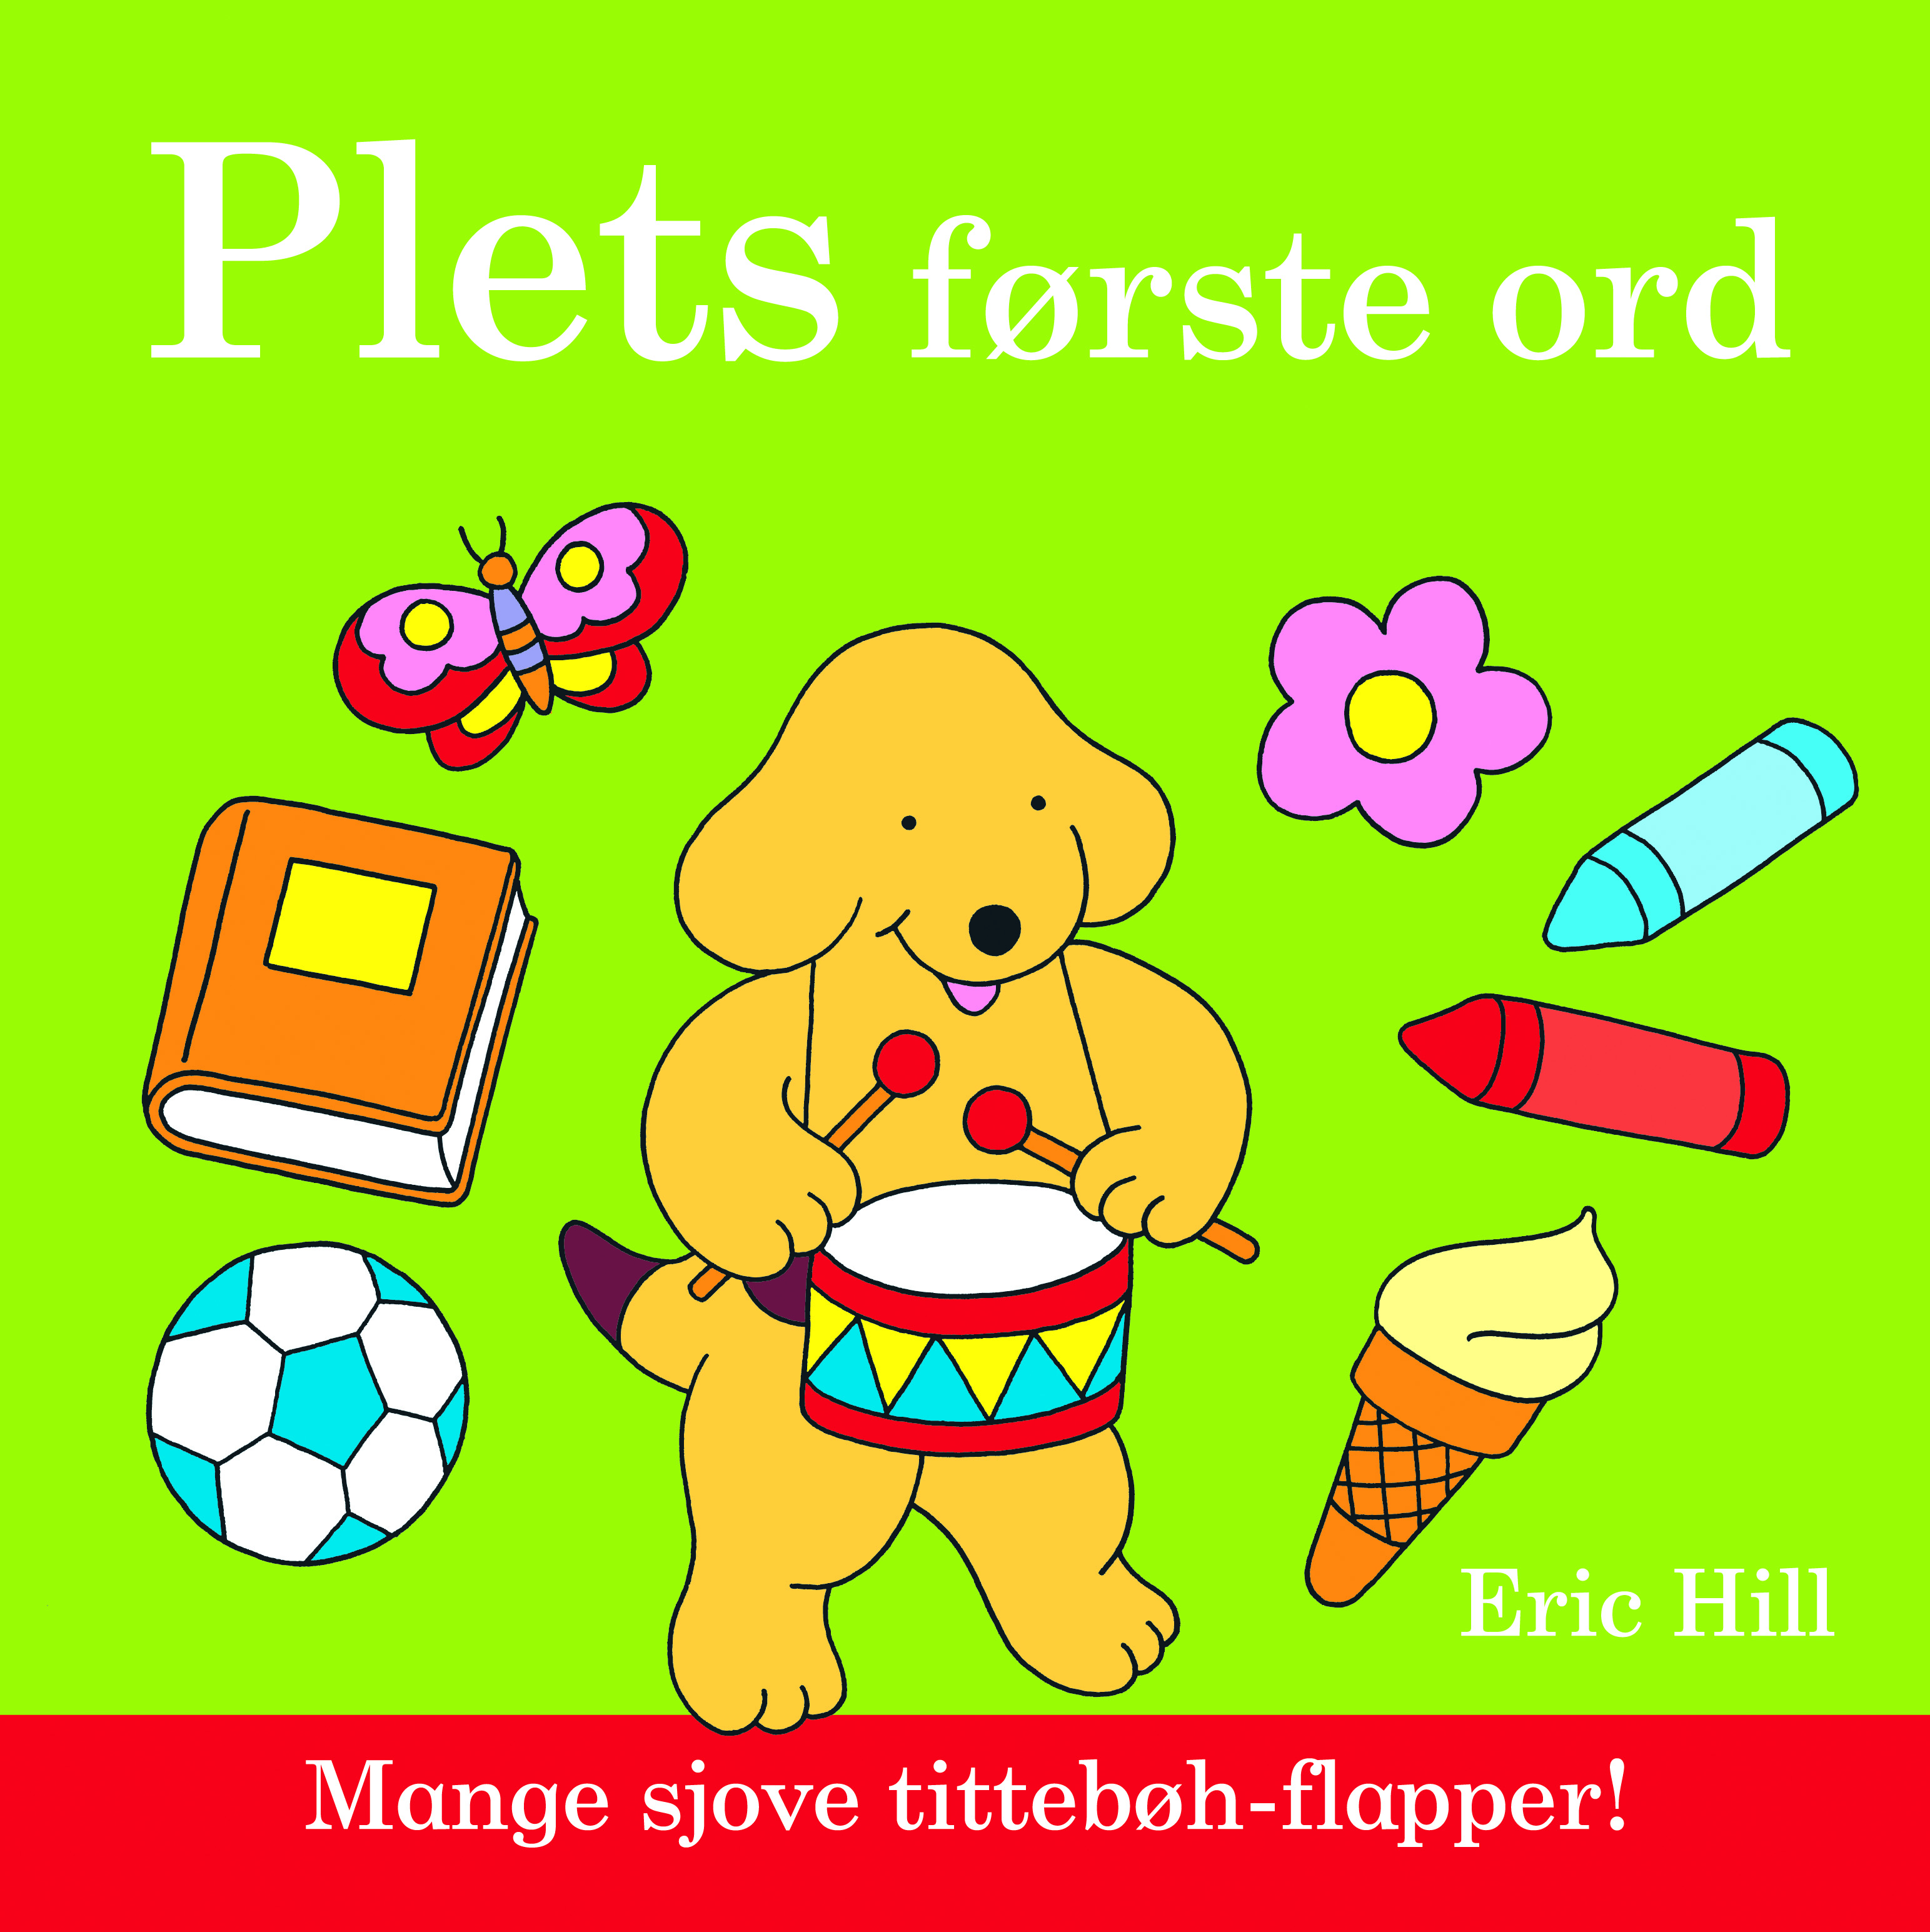 Carlsen – Carlsen plets første ord bog, 6 stk. på lager på pixizoo